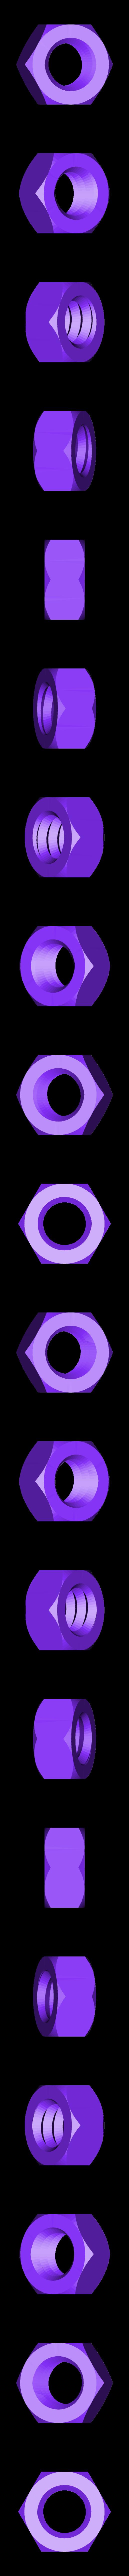 nut_be3D.stl Télécharger fichier STL gratuit Vis et écrou • Modèle pour impression 3D, Ysoft_be3D